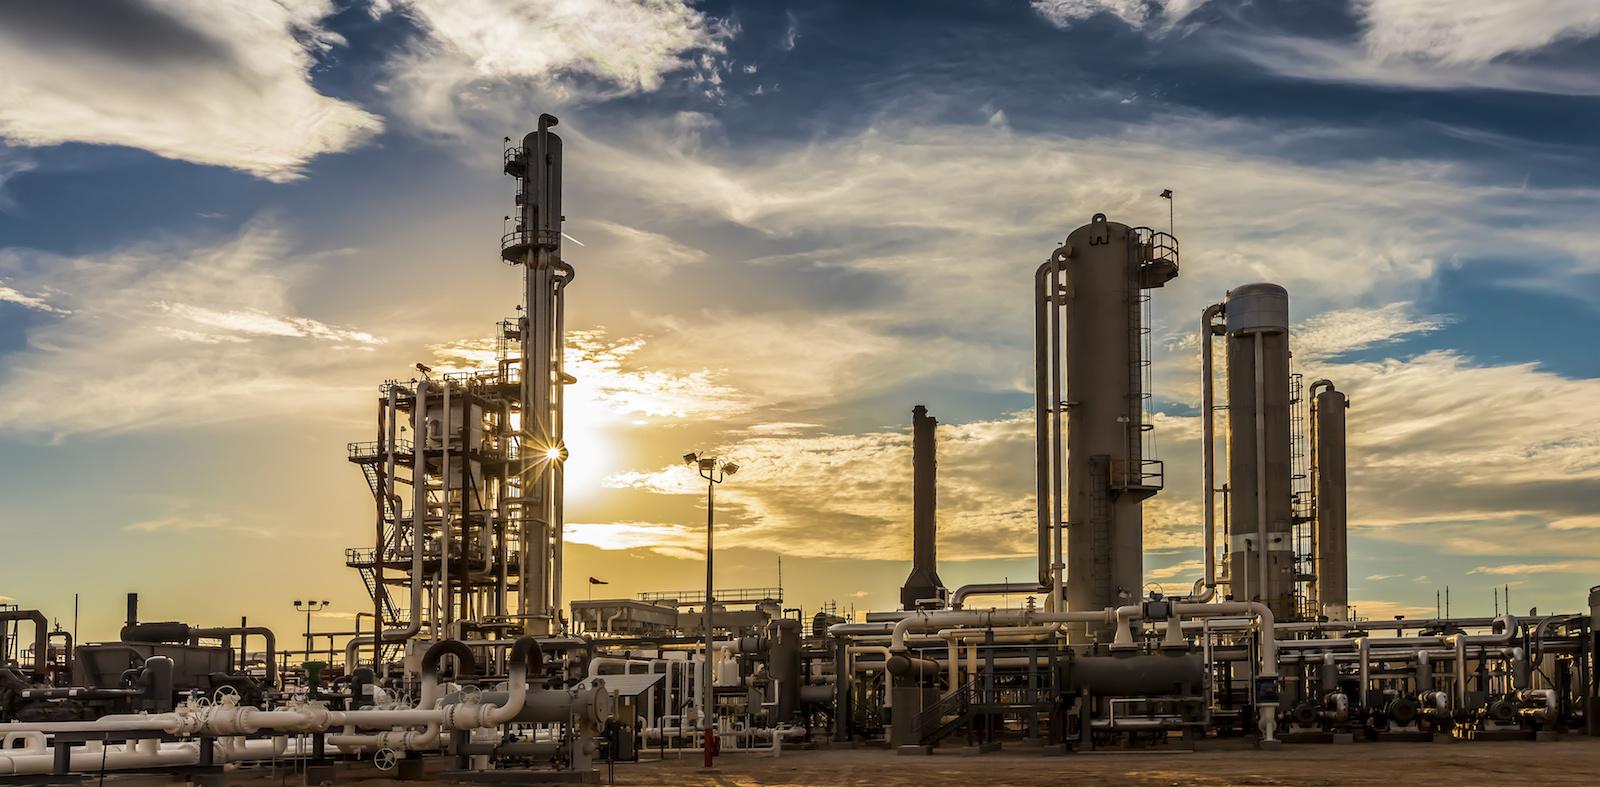 Giá xăng dầu hôm nay 16/8: Tiếp đà giảm của phiên cuối tuần trước